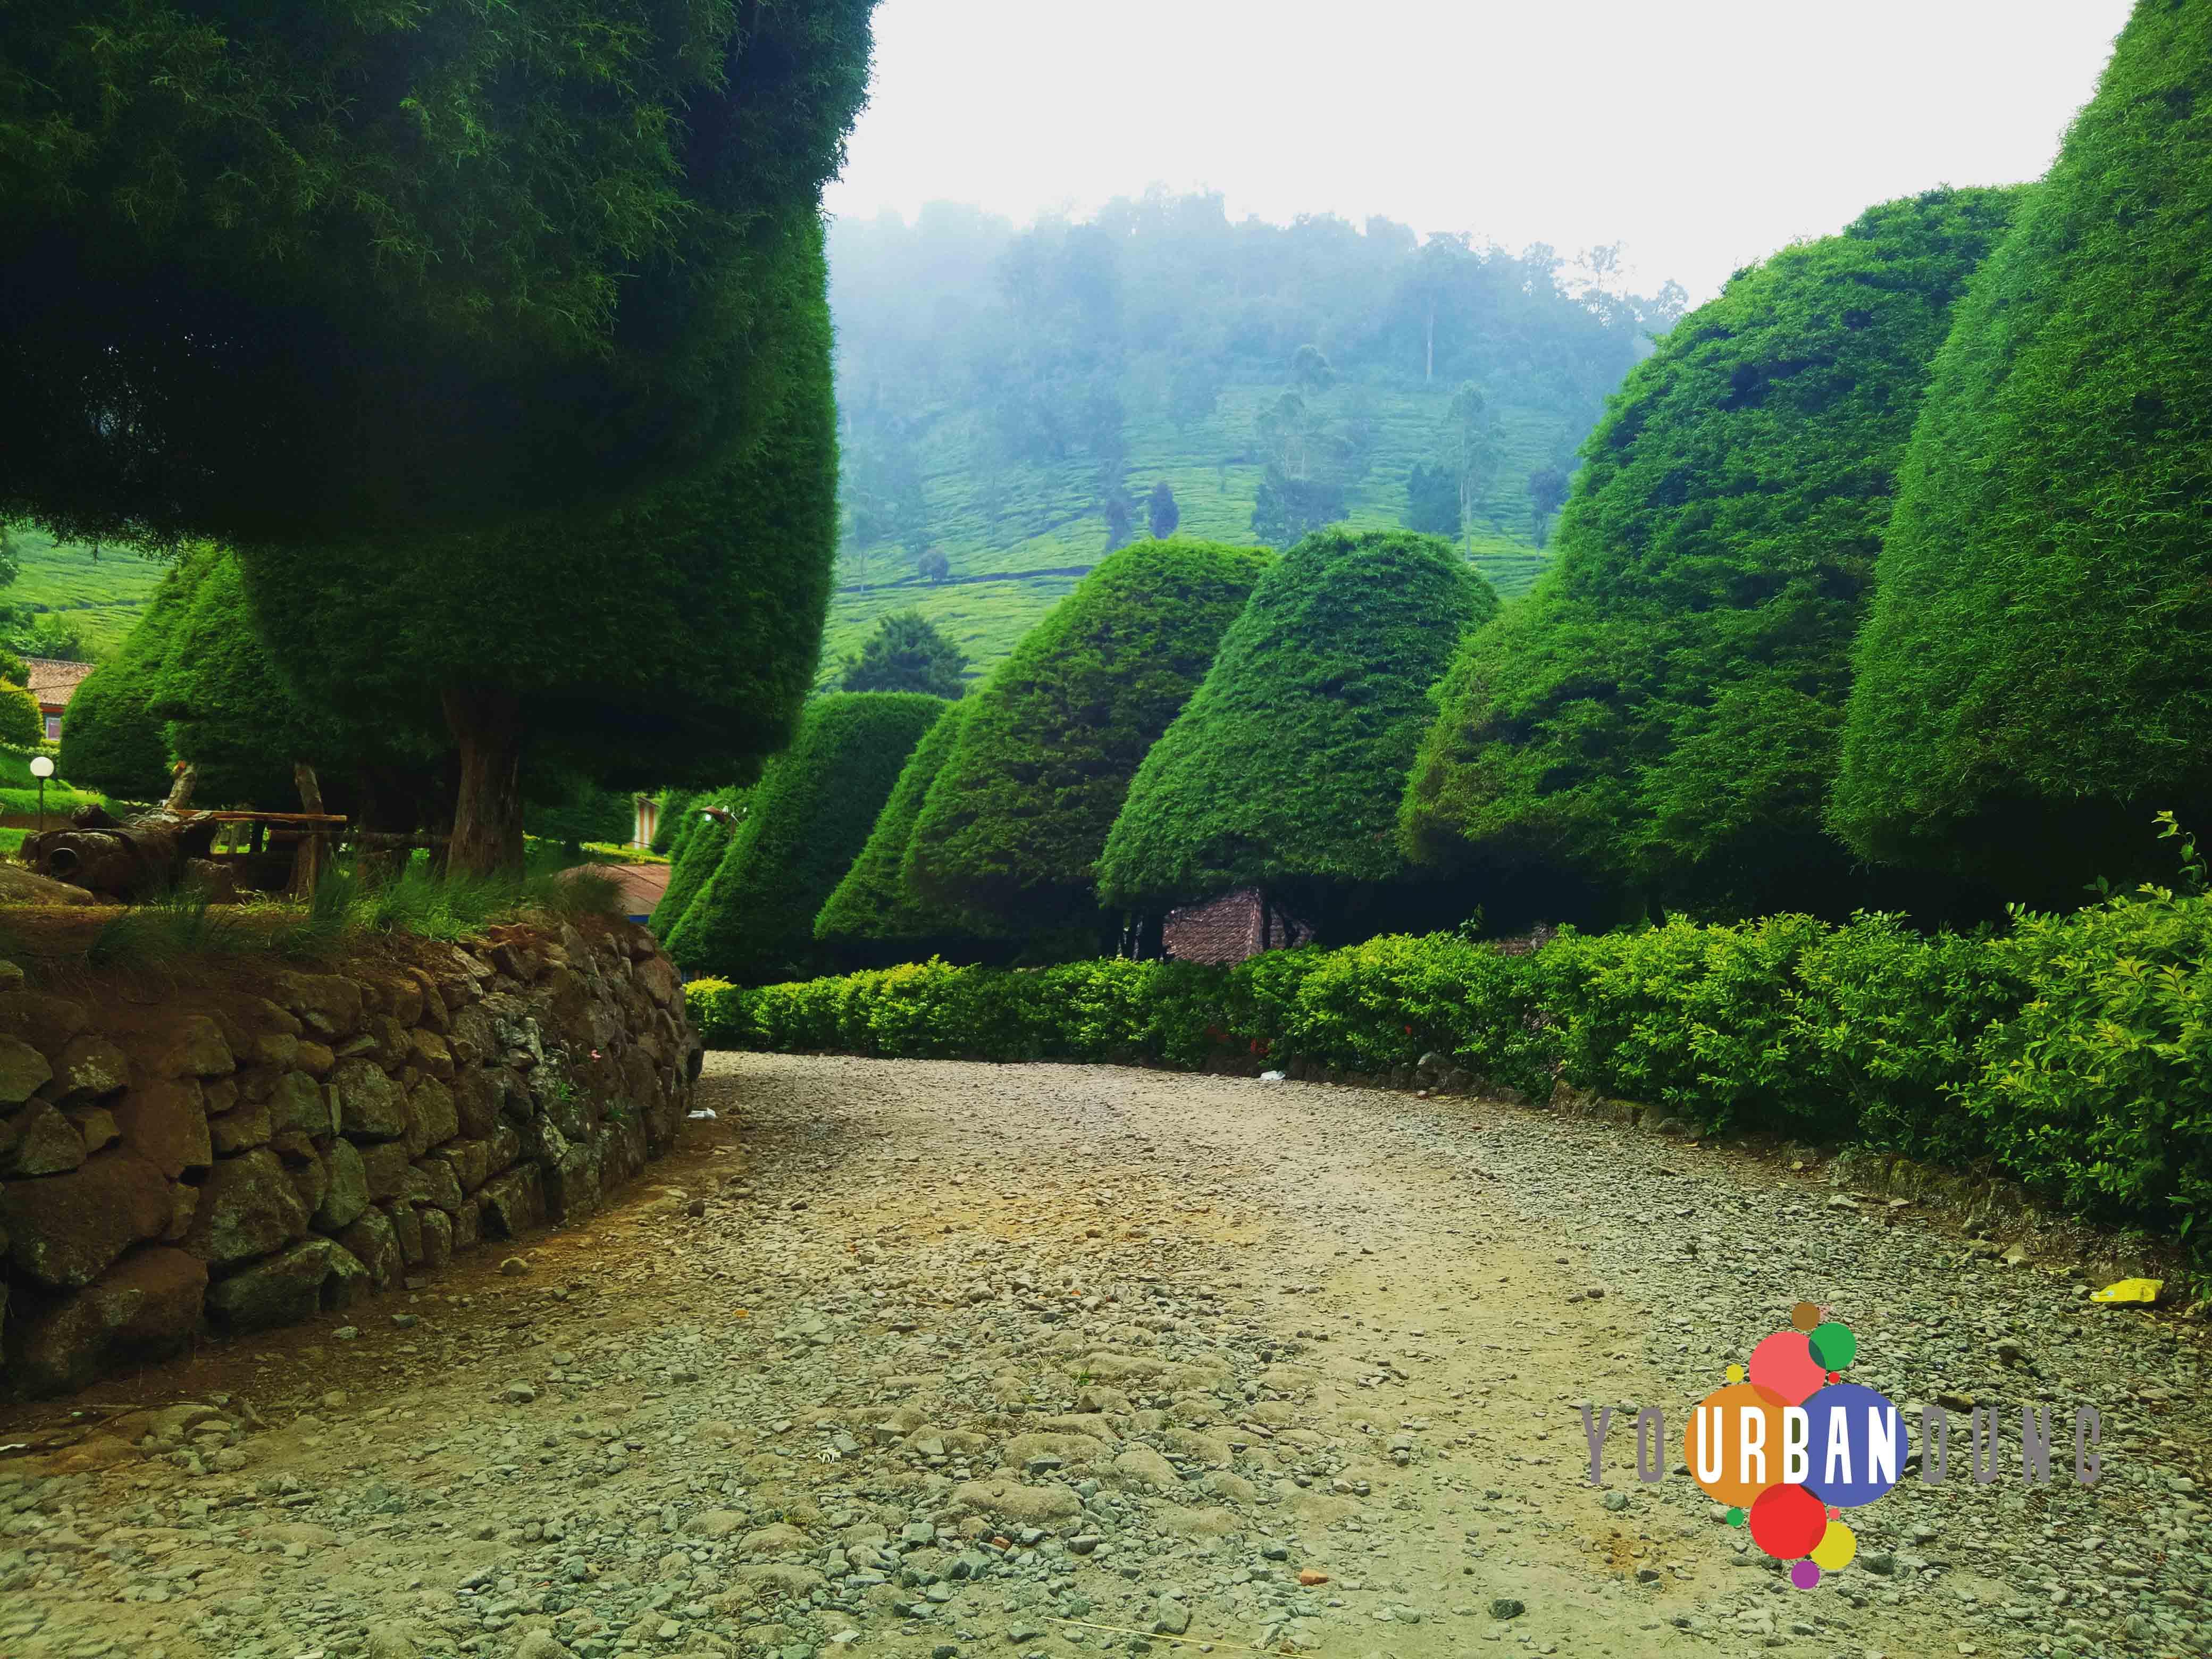 Jalan-jalan ke Ciwidey? Jangan Lupa Mampir ke Bukit Jamur  Your